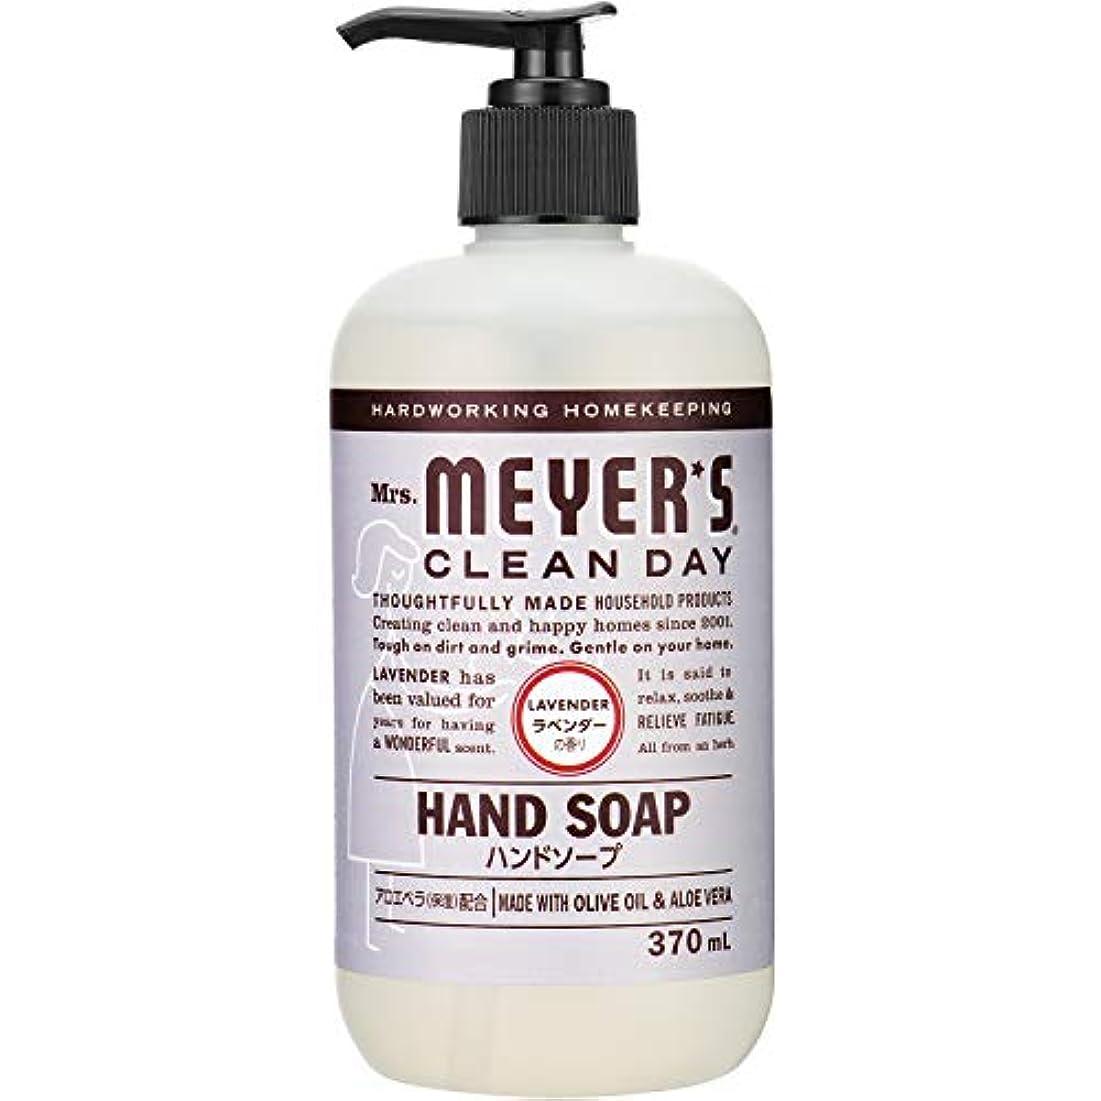 連合無人メリーMrs. MEYER'S CLEAN DAY(ミセスマイヤーズ クリーンデイ) ミセスマイヤーズ クリーンデイ(Mrs.Meyers Clean Day) ハンドソープ ラベンダーの香り 370ml